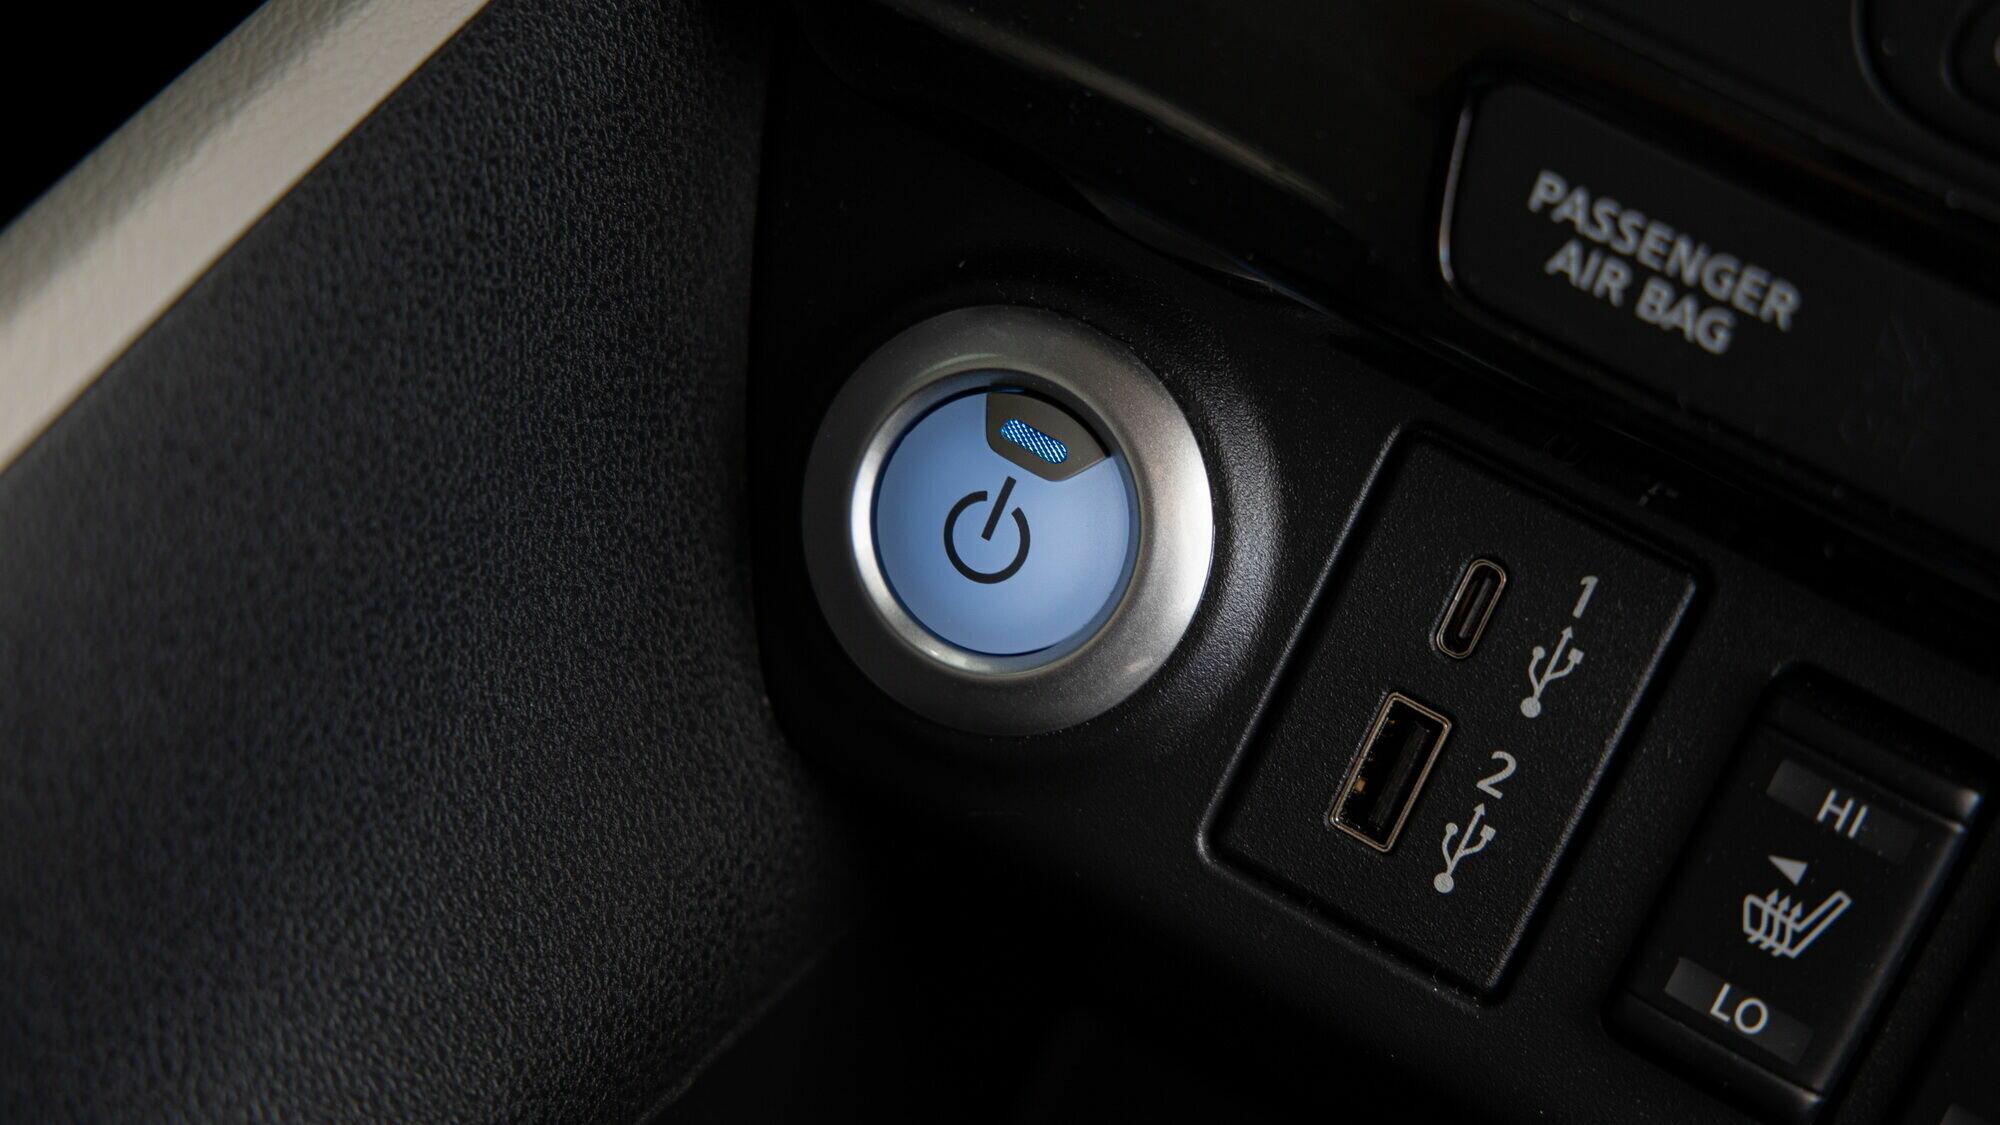 Запуск двигателя осуществляется с помощью кнопки